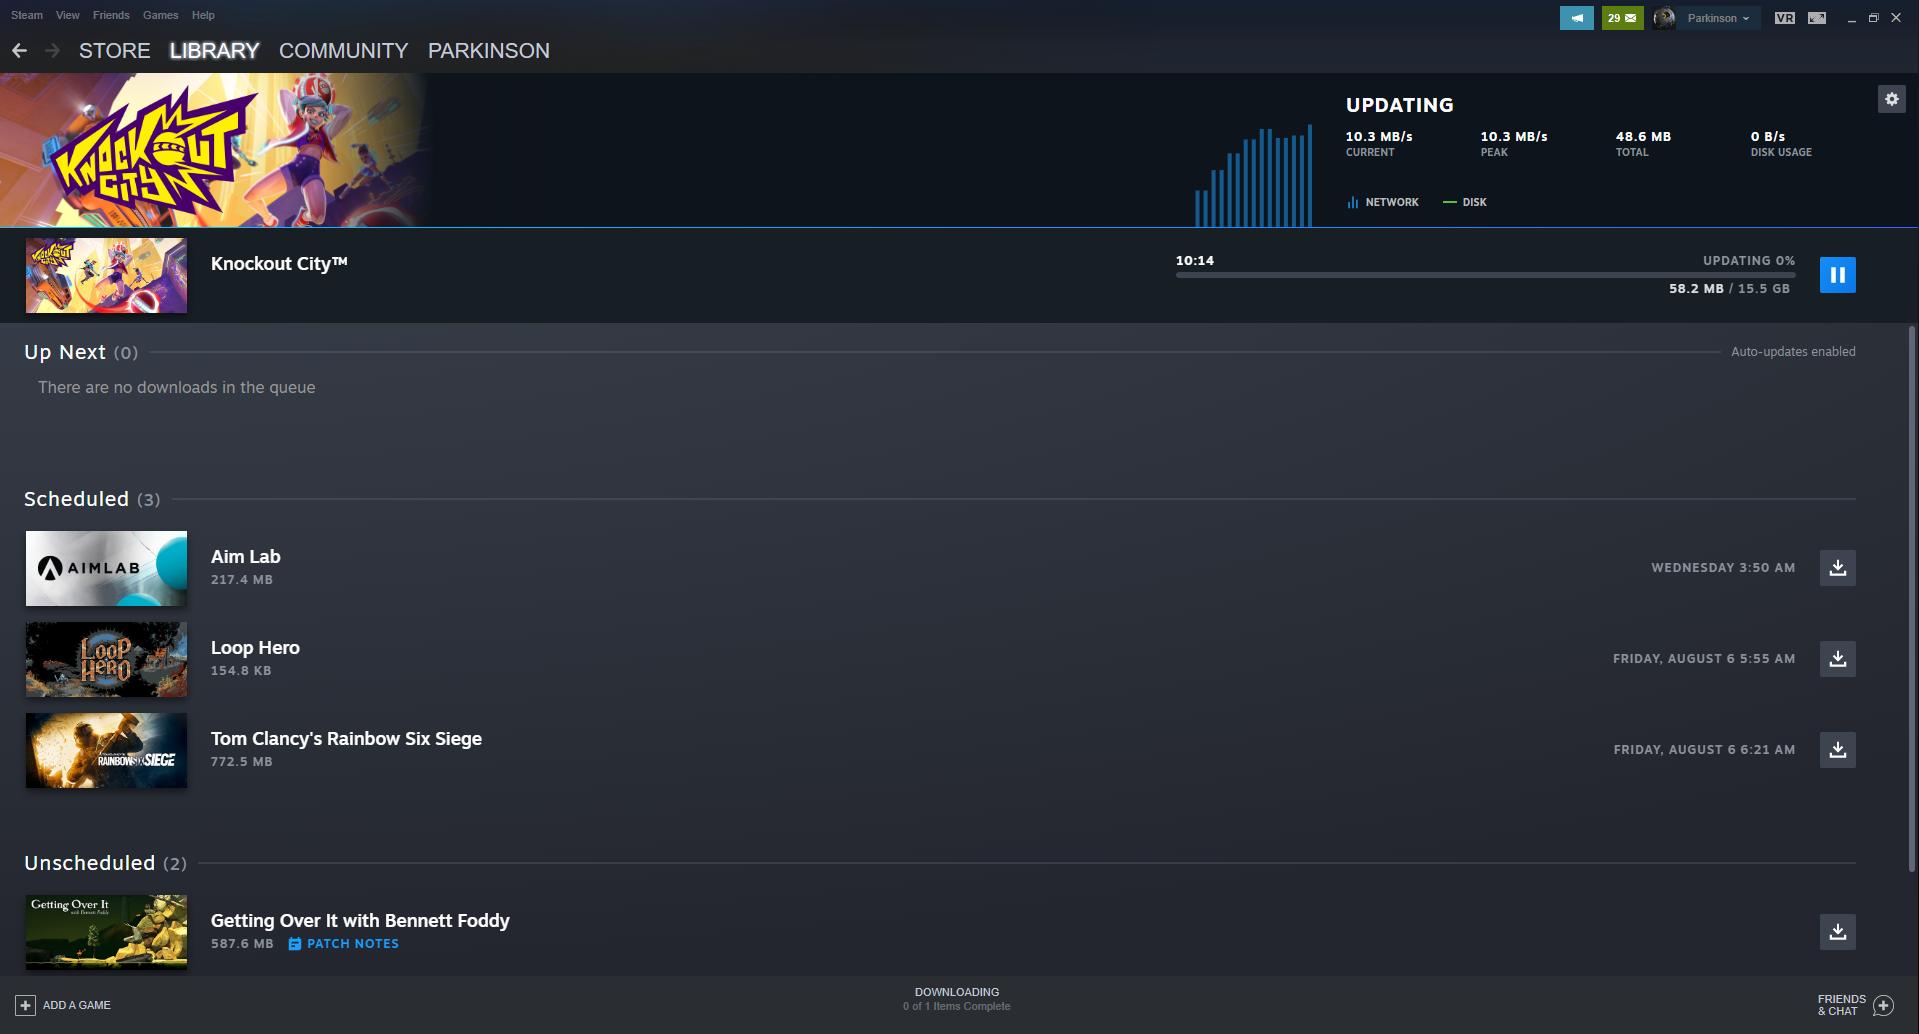 Steam Client Beta update